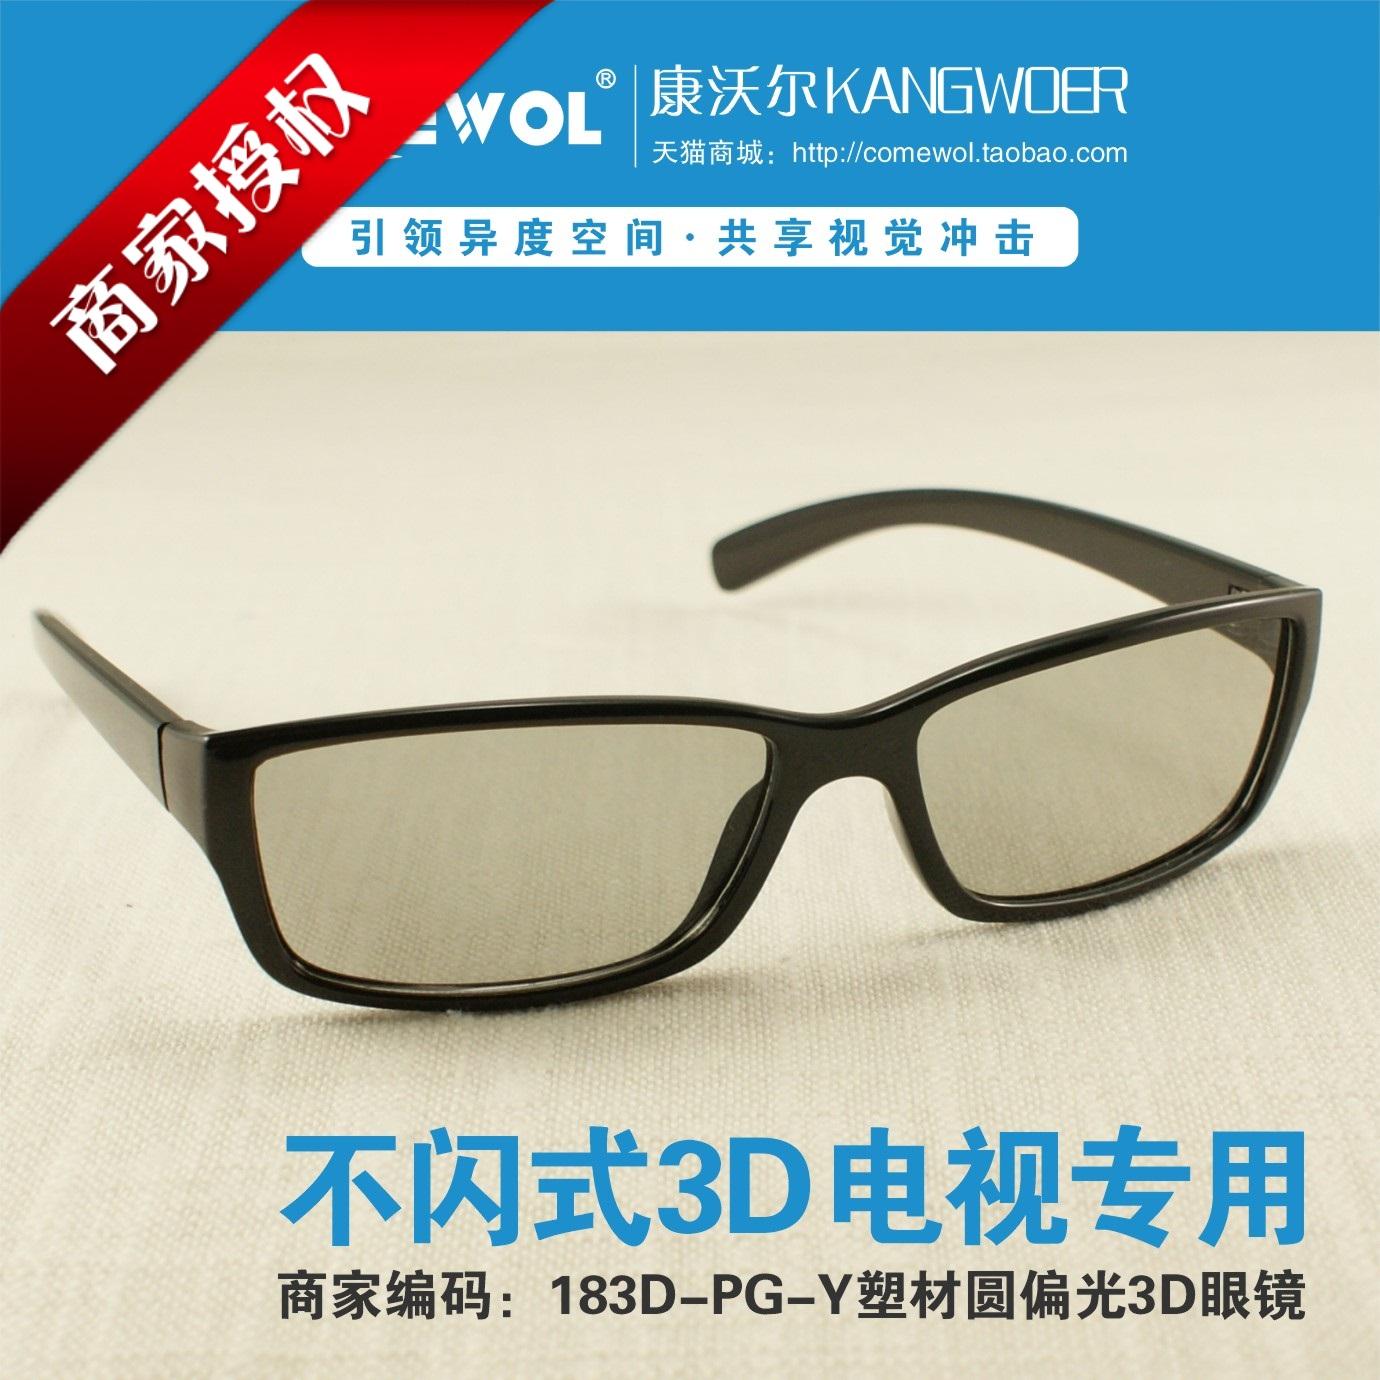 3D очки Comewol  3d LG Tcl 3D